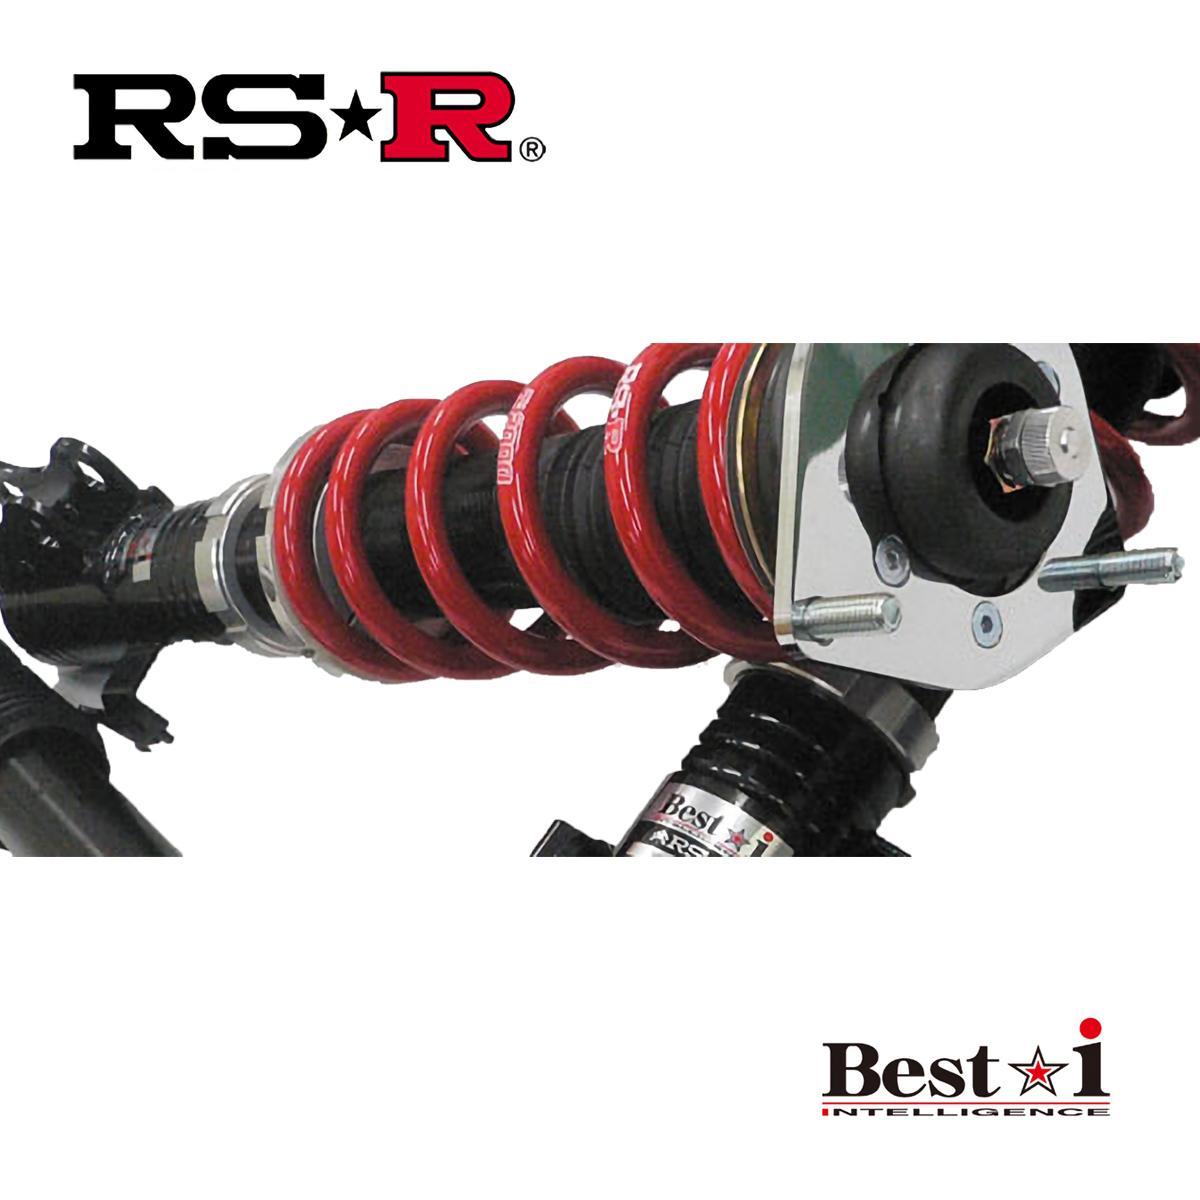 RS-R ヴォクシー ハイブリッドZS煌 ZWR80W 車高調 リア車高調整:ネジ式 BIT930M ベストi RSR 個人宅発送追金有